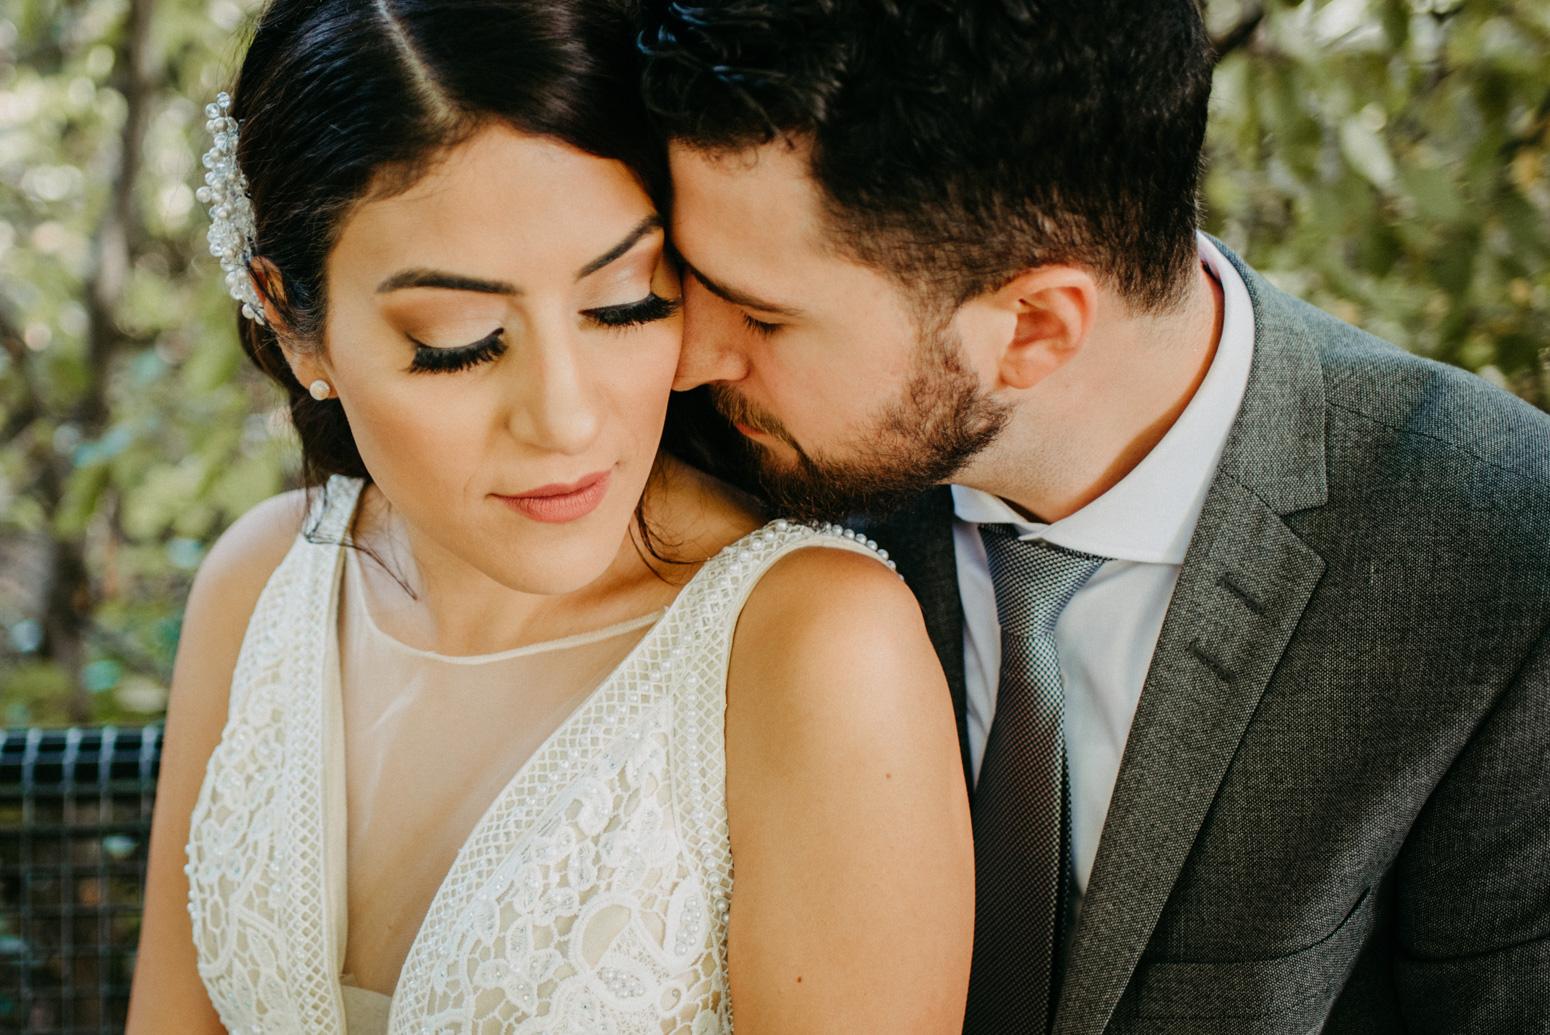 Bräutigam küsst den Hals seiner Frau beim Brautpaarshooting